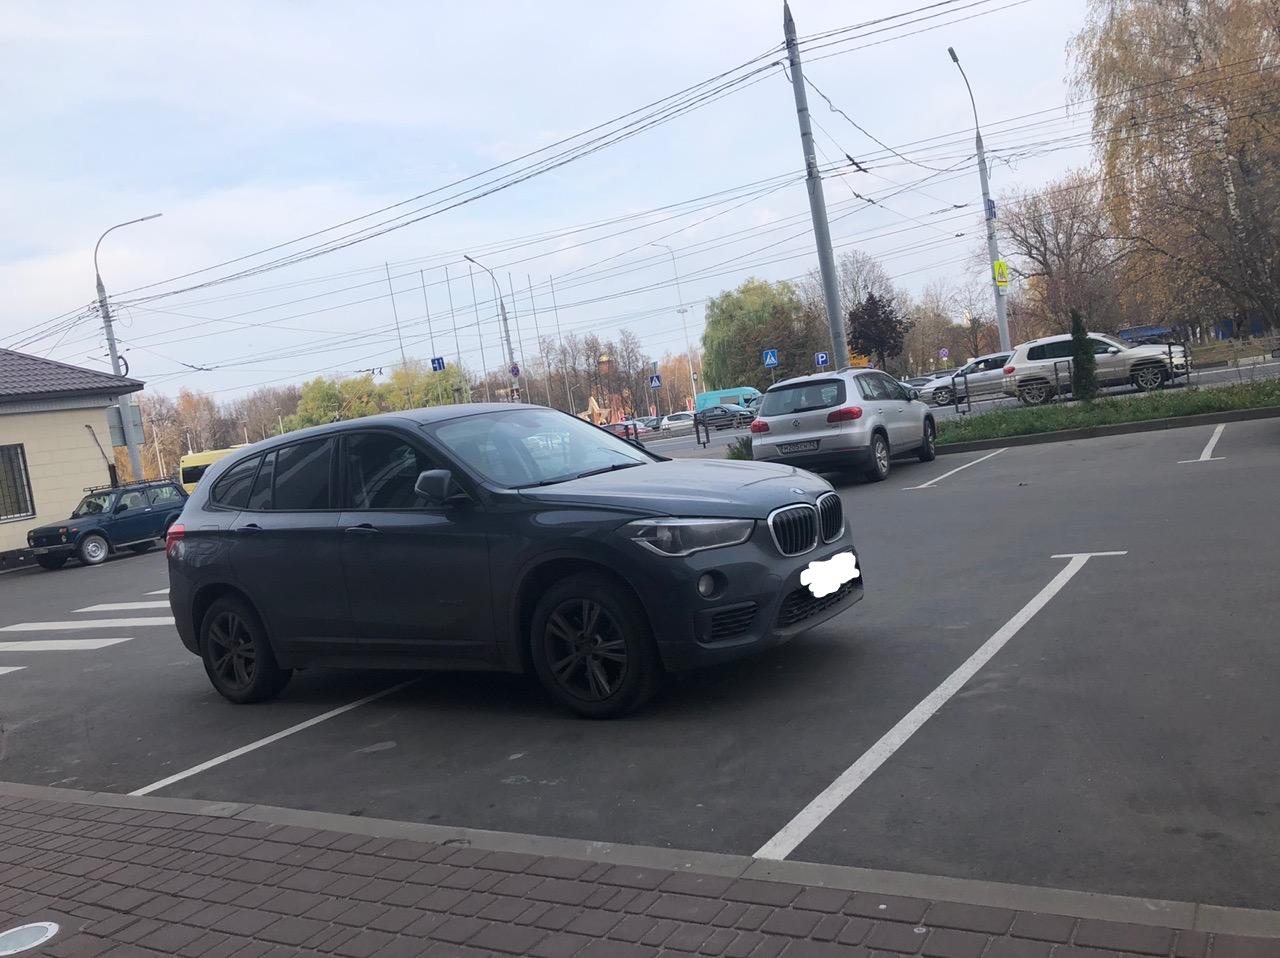 В Брянске автохам занял несколько парковочных мест